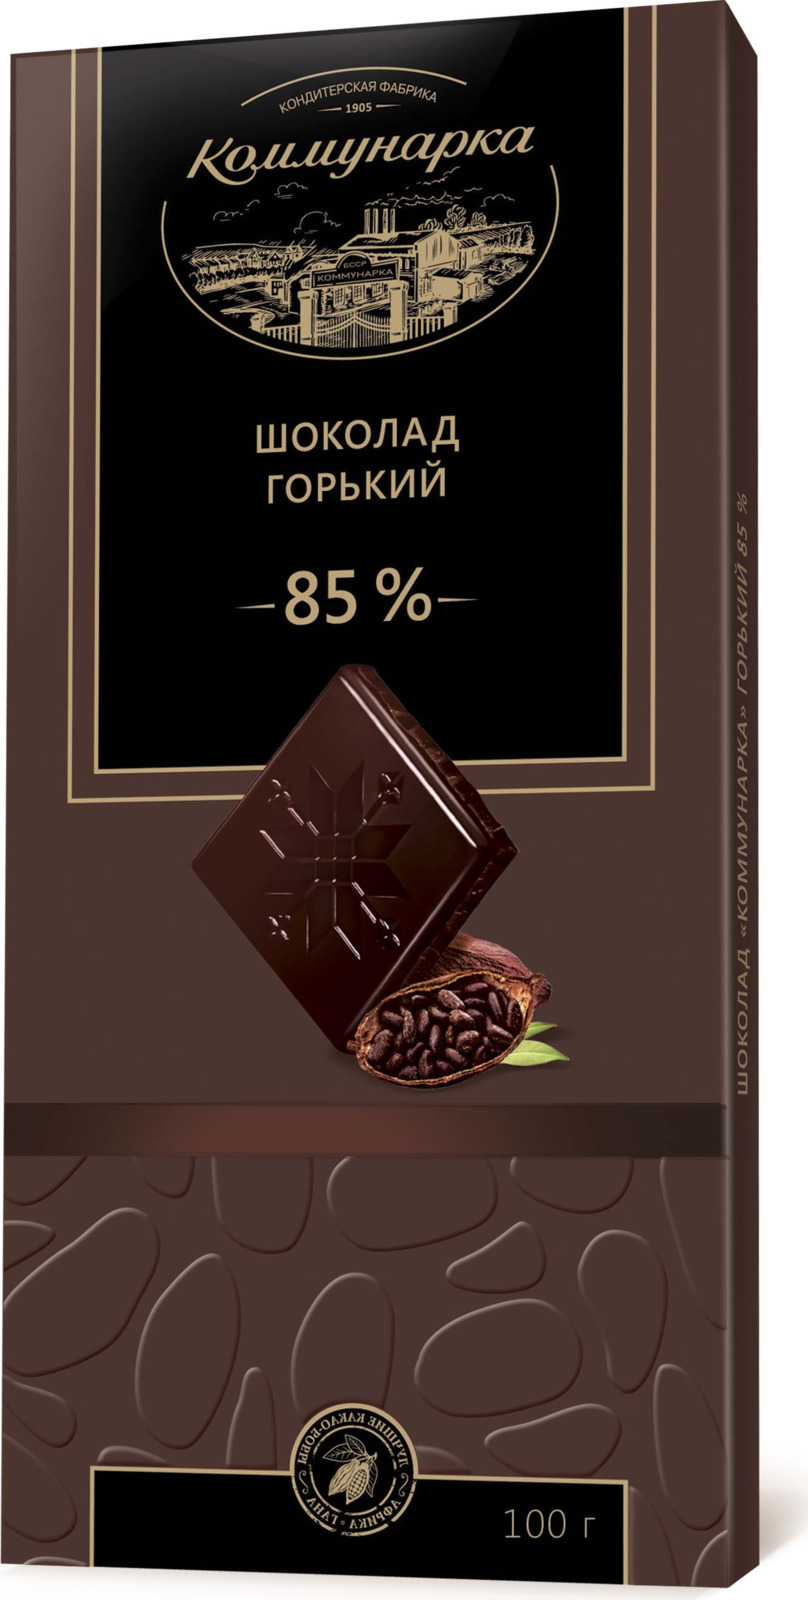 Шоколад Коммунарка, горький 85%, 100 г коммунарка шоколад молочный с кокосовой нугой 85 г